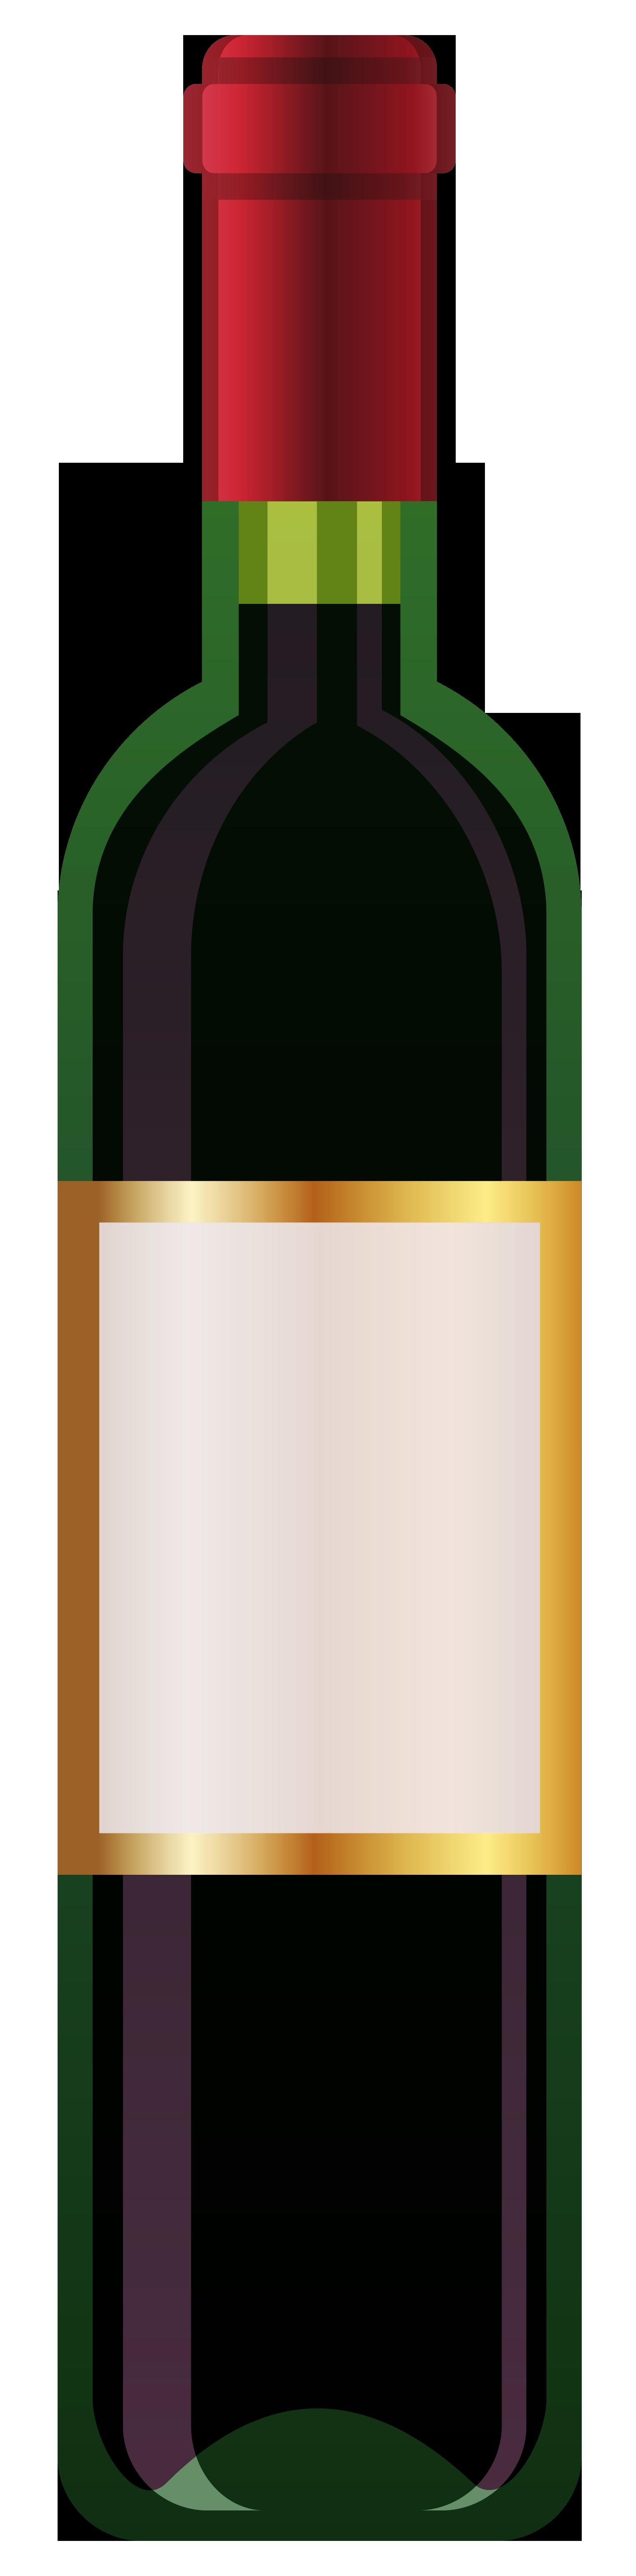 Leaf clipart wine. Jokingart com bottle of